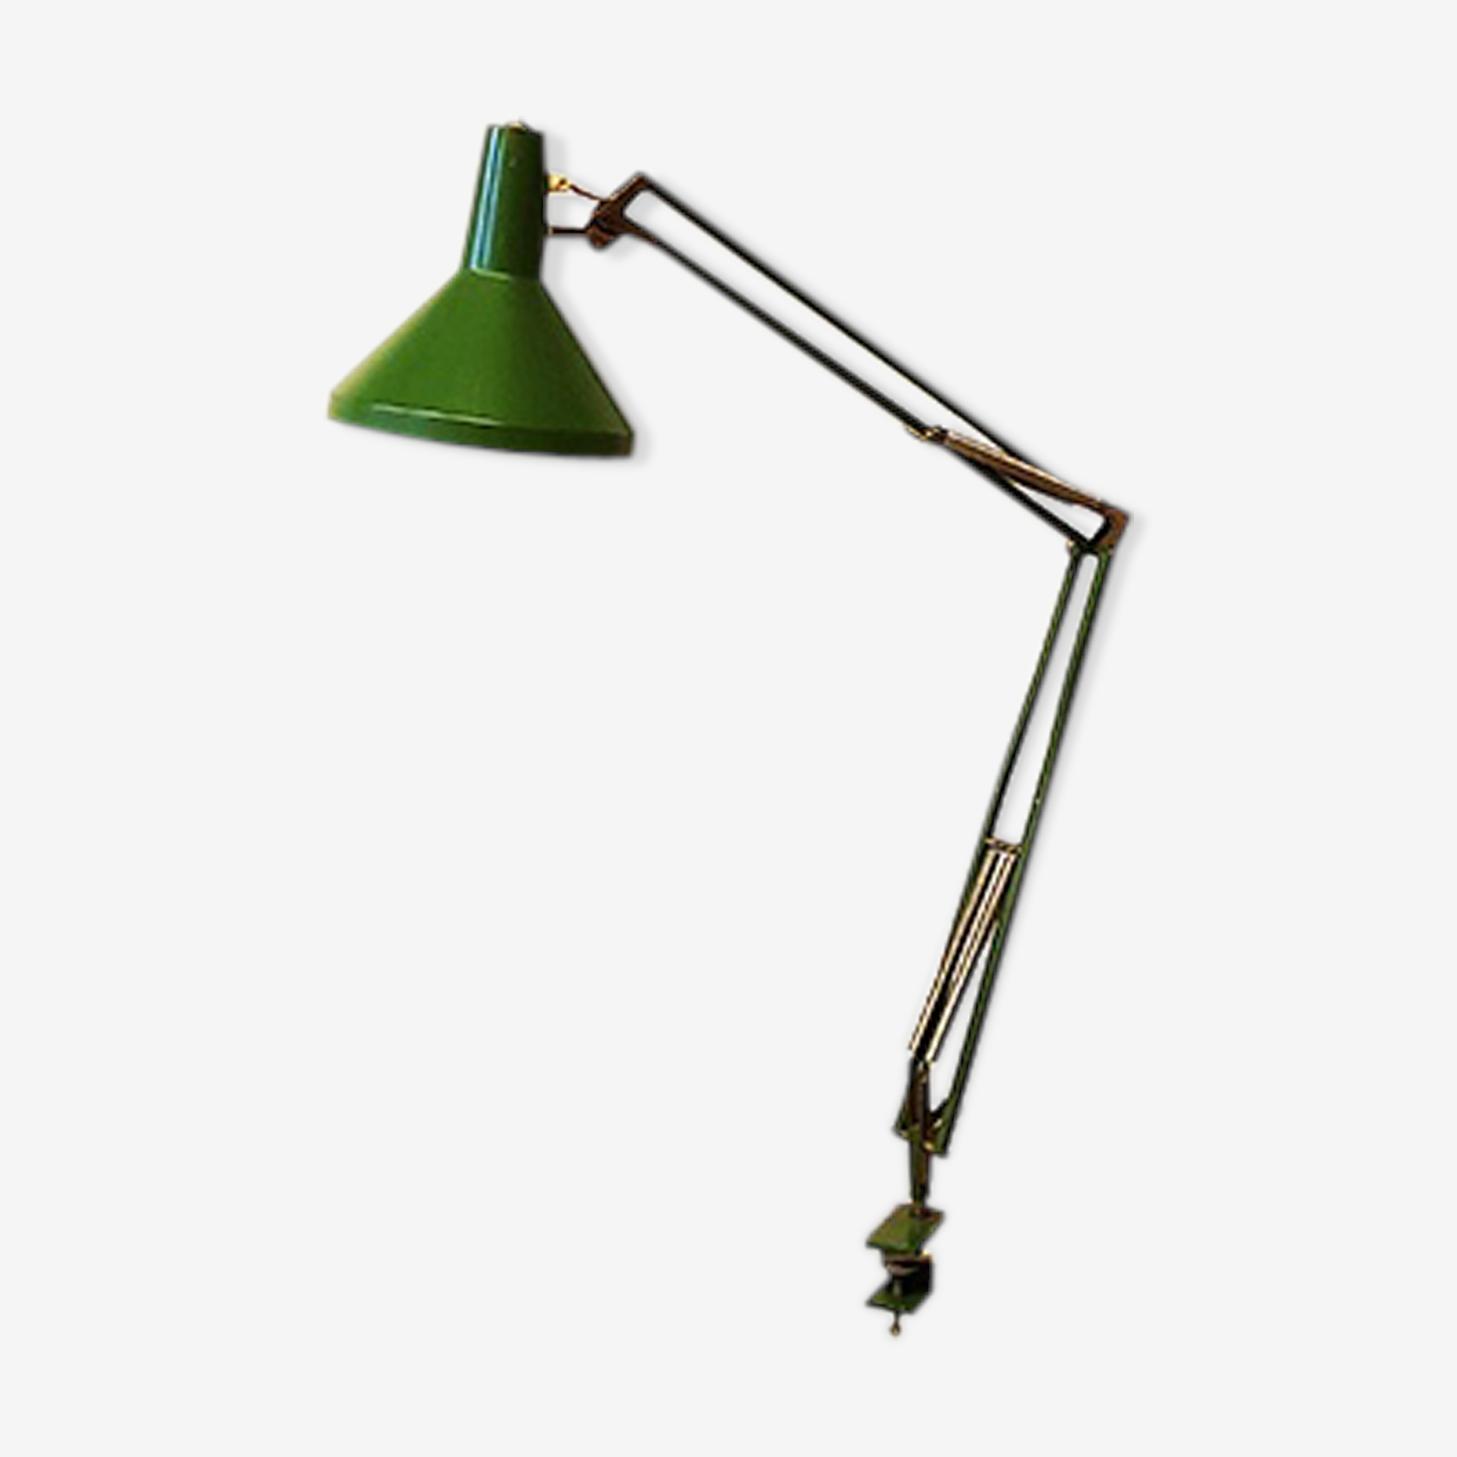 Lampe de bureau pince industrielle par Hala Zeist